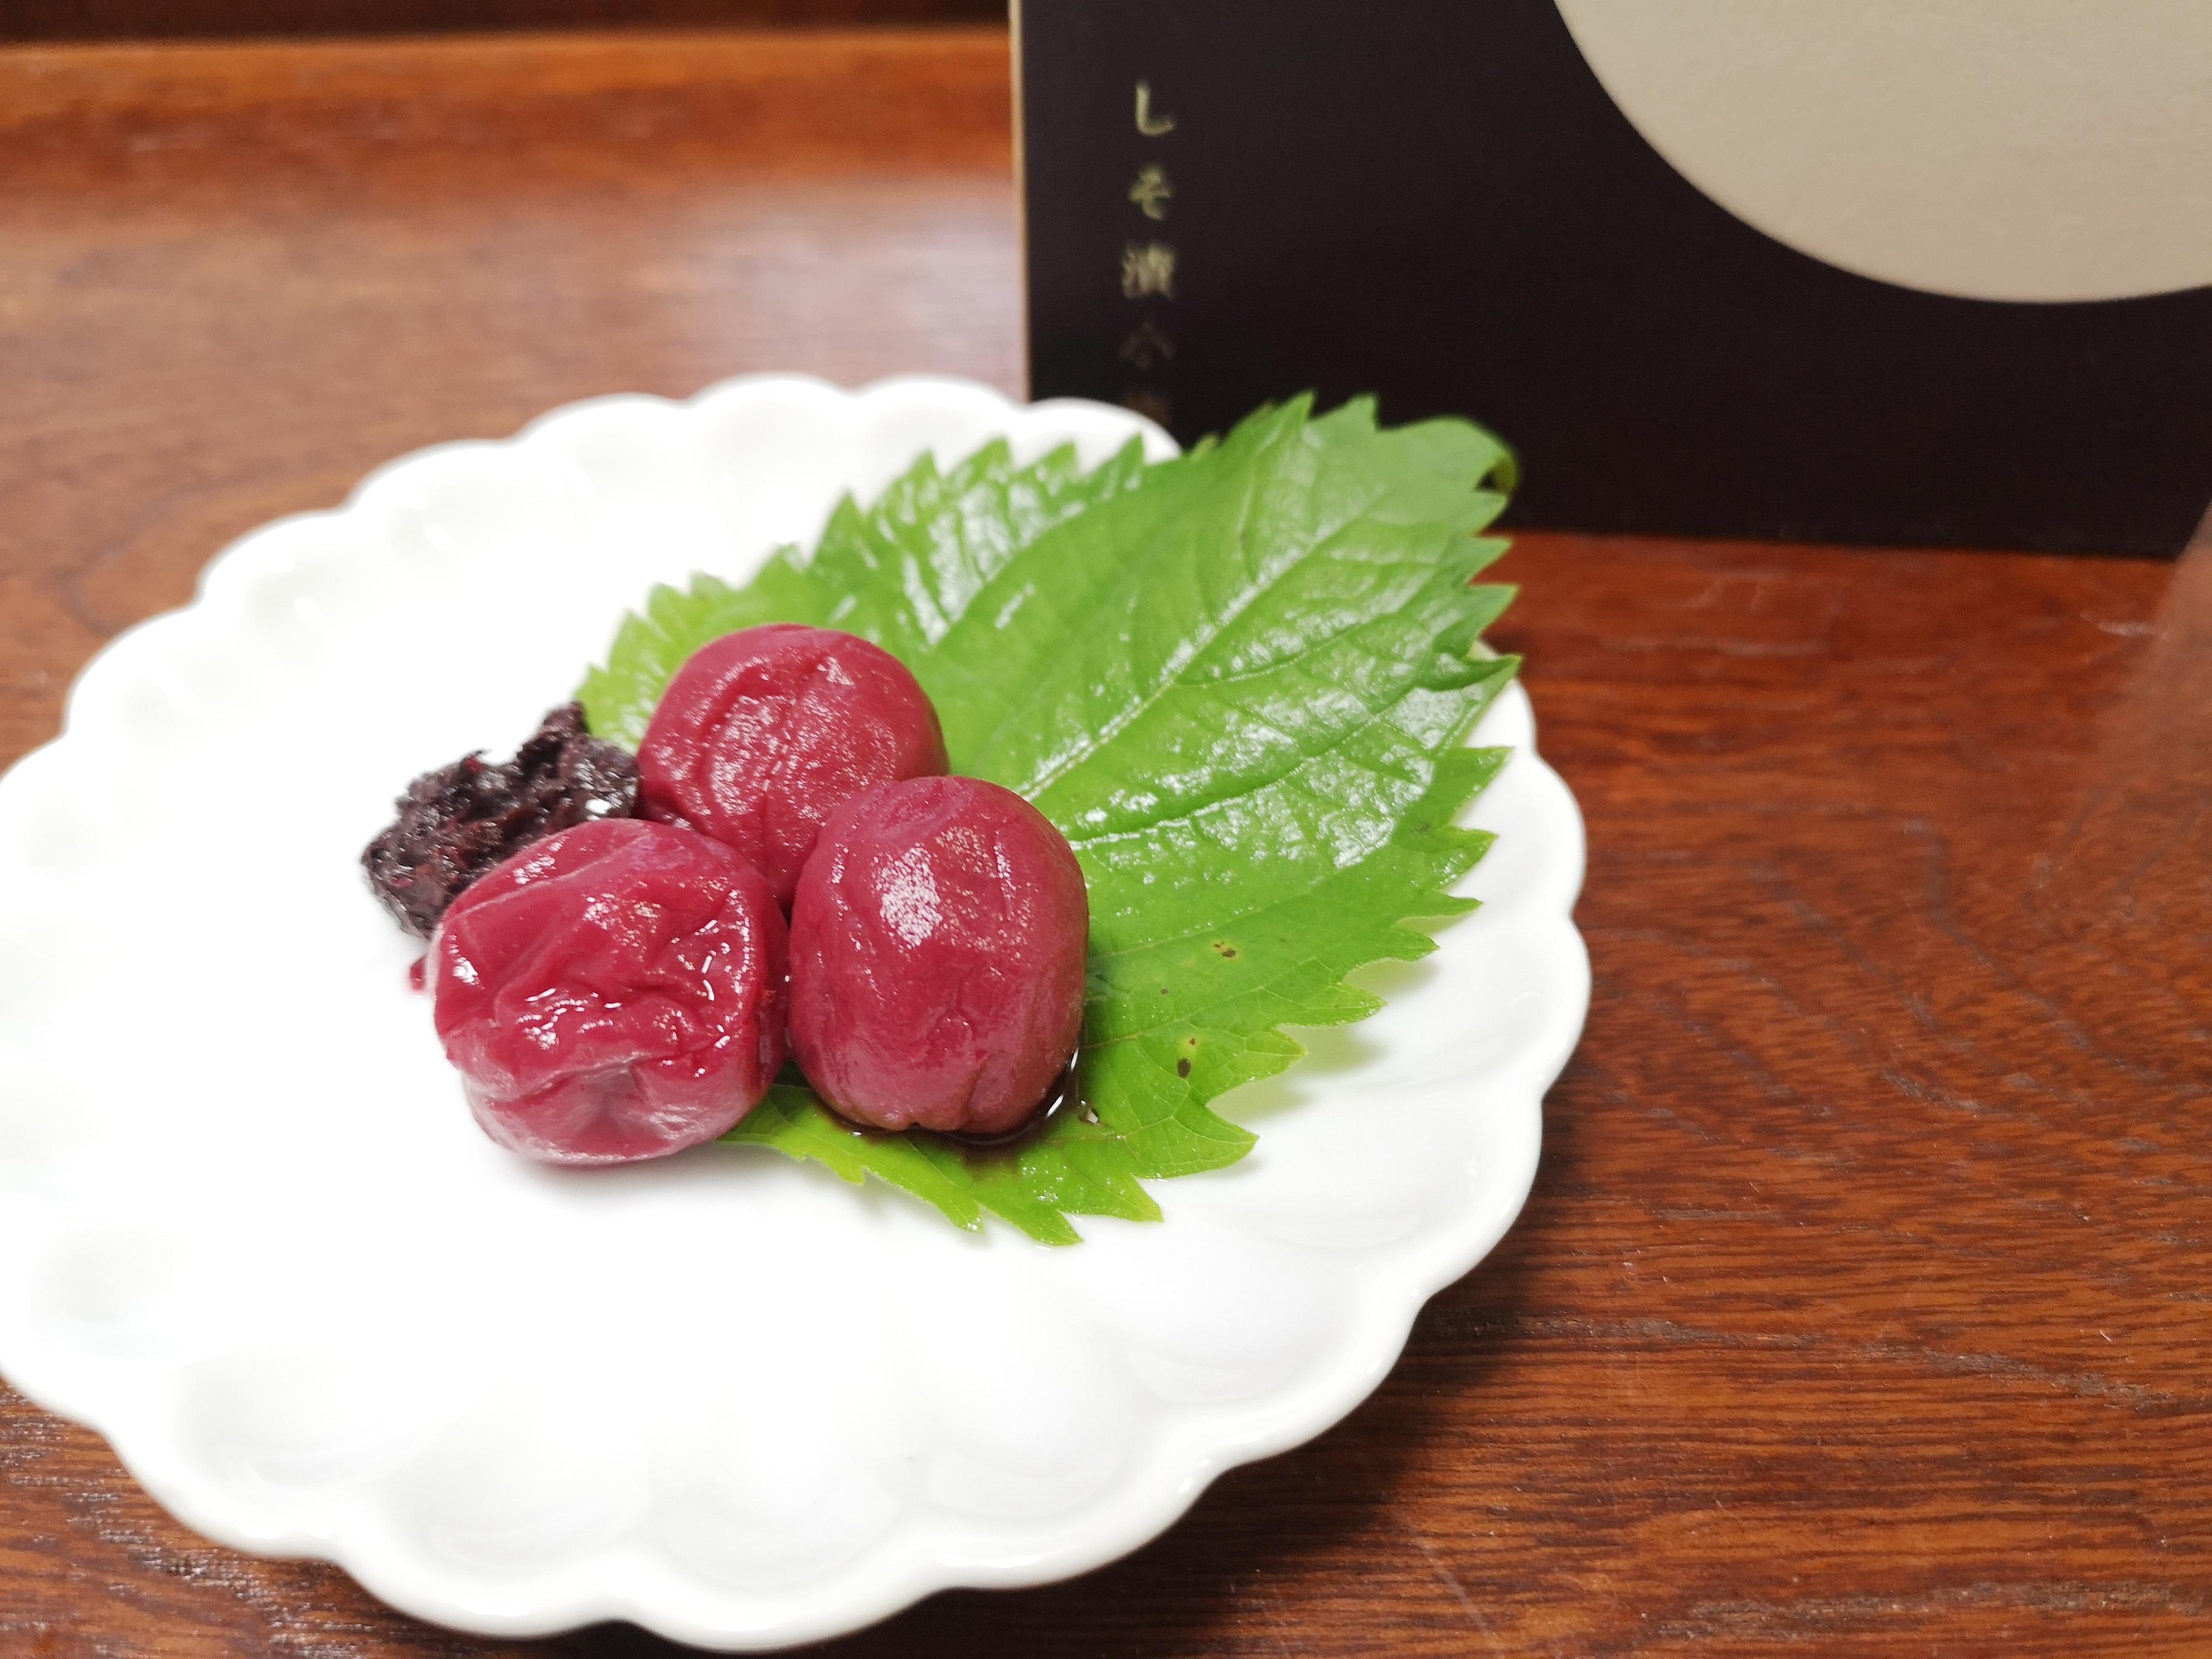 プチギフトにもおすすめ!紀州石神邑 花咲く木箱「しそ漬け小梅」